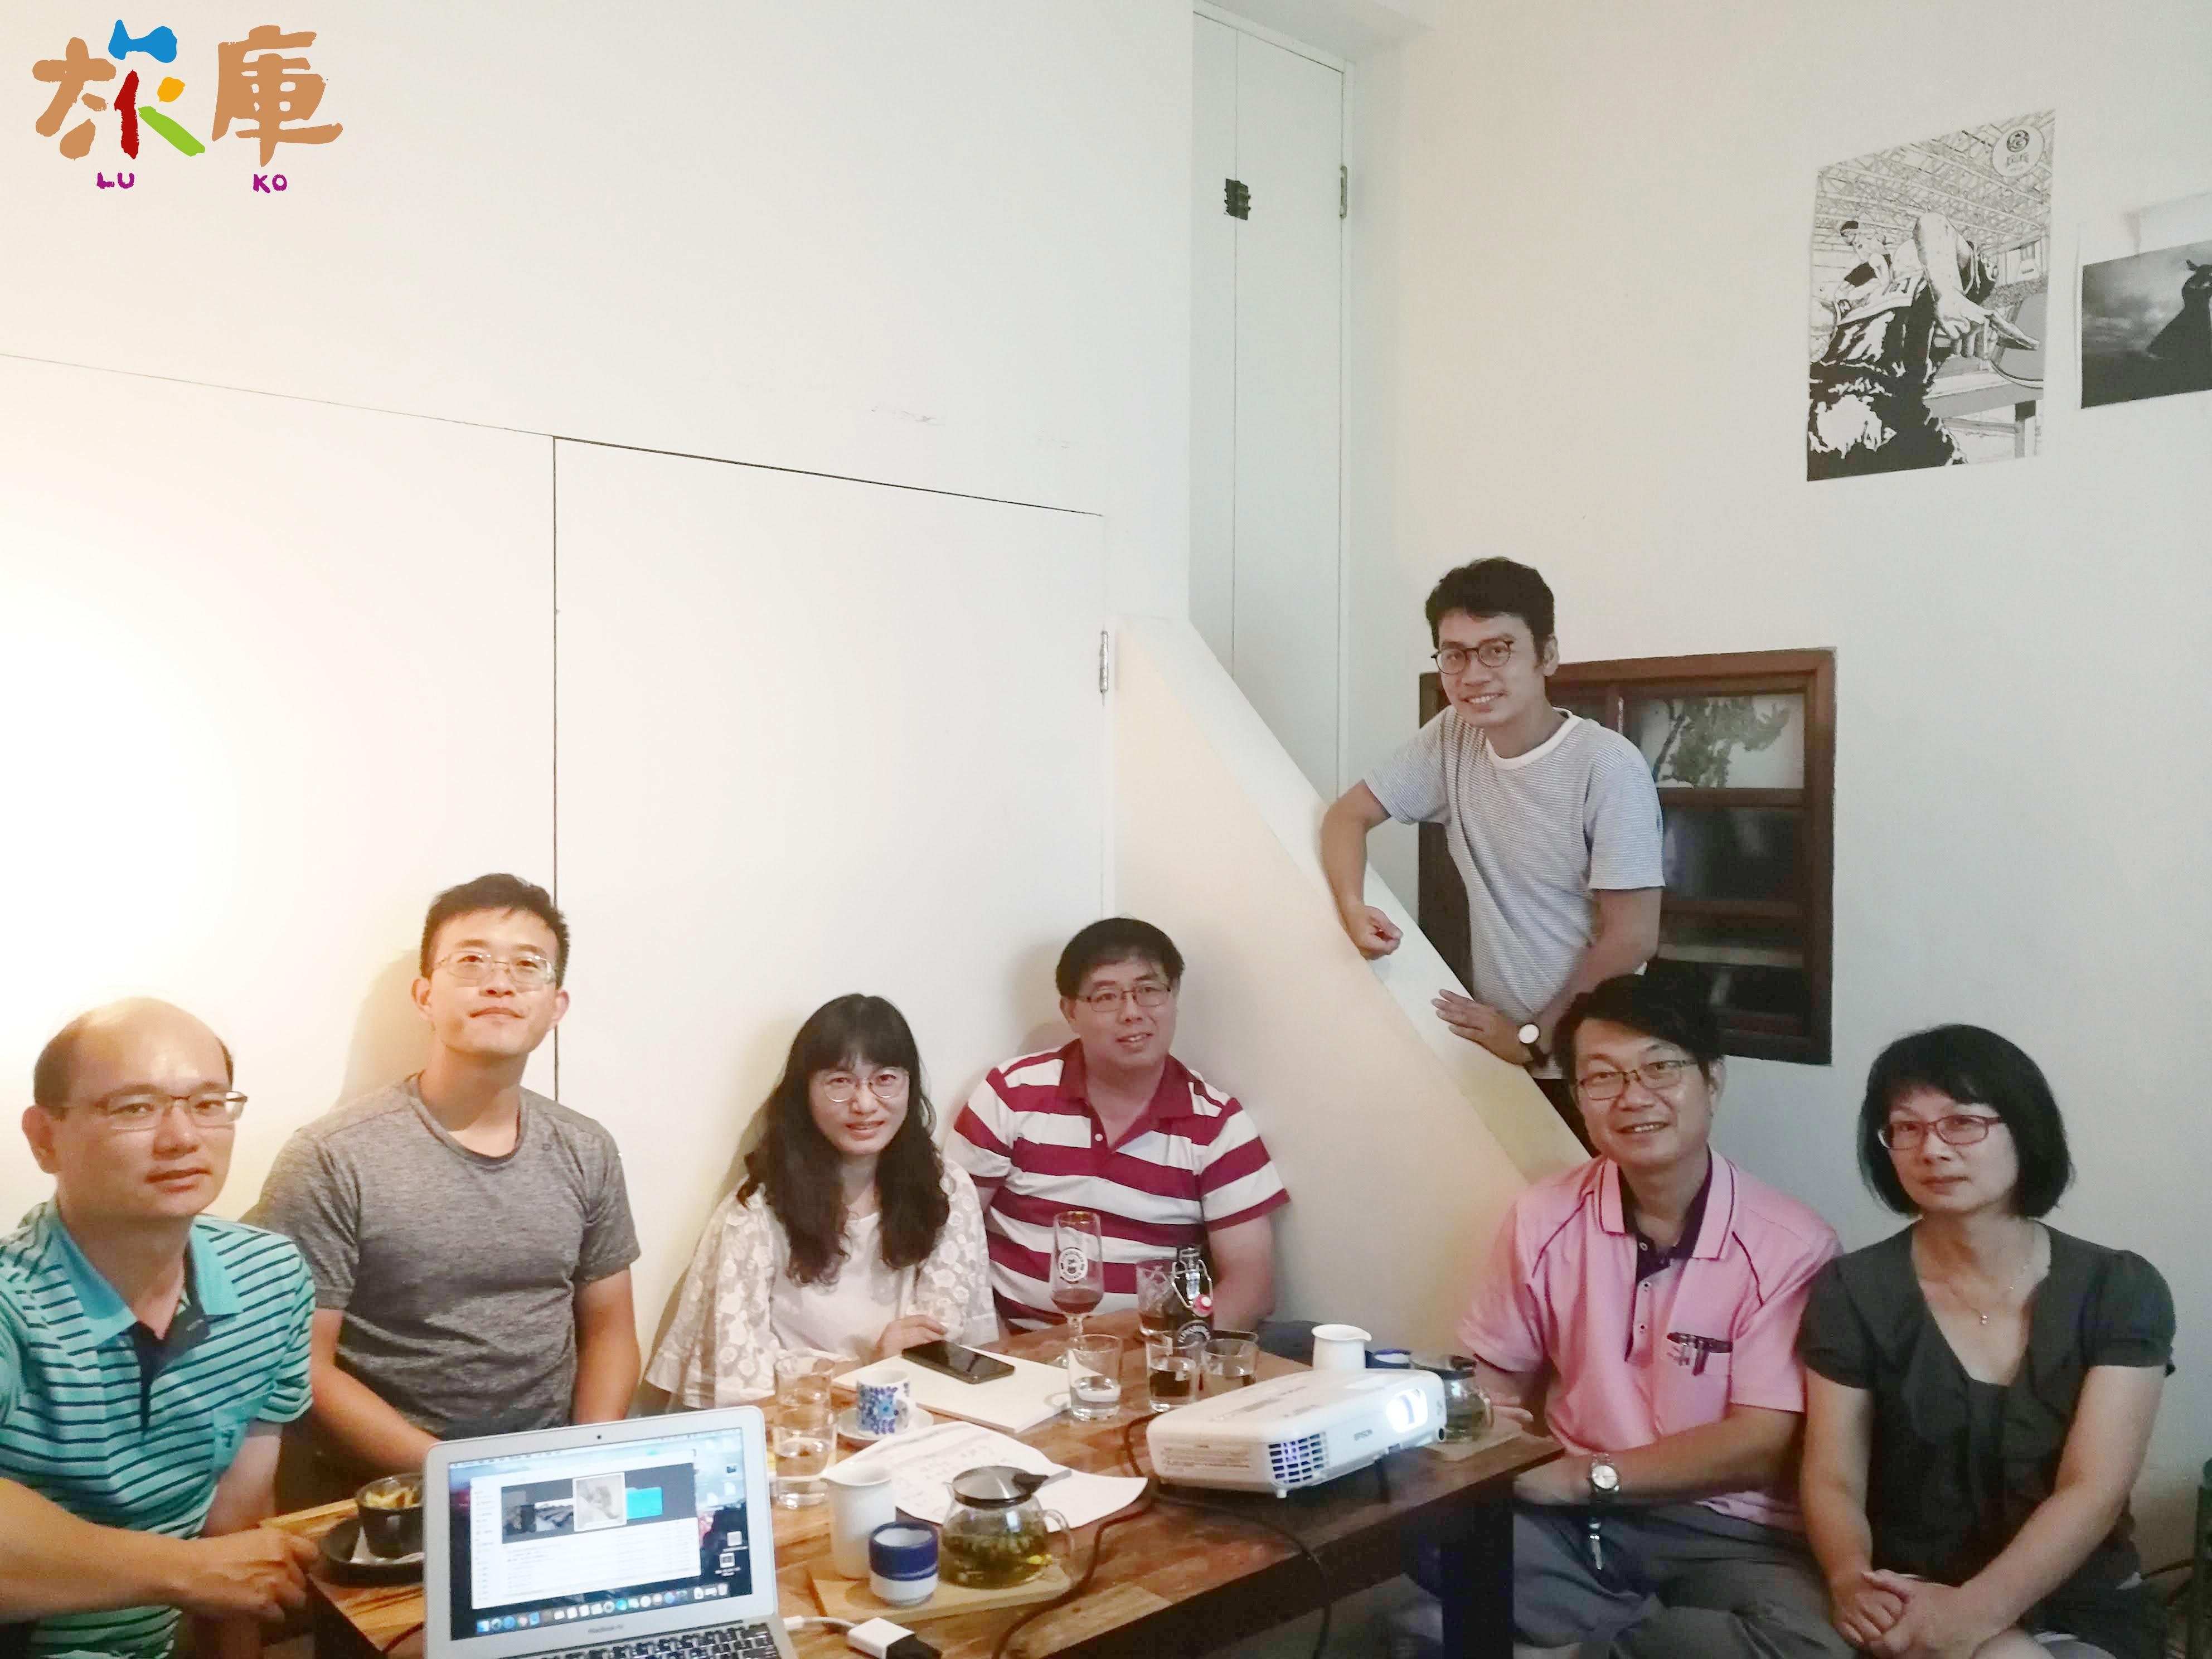 第一場參與的讀書會的人員共有7位,大家工作繁忙之餘仍是前來參與。